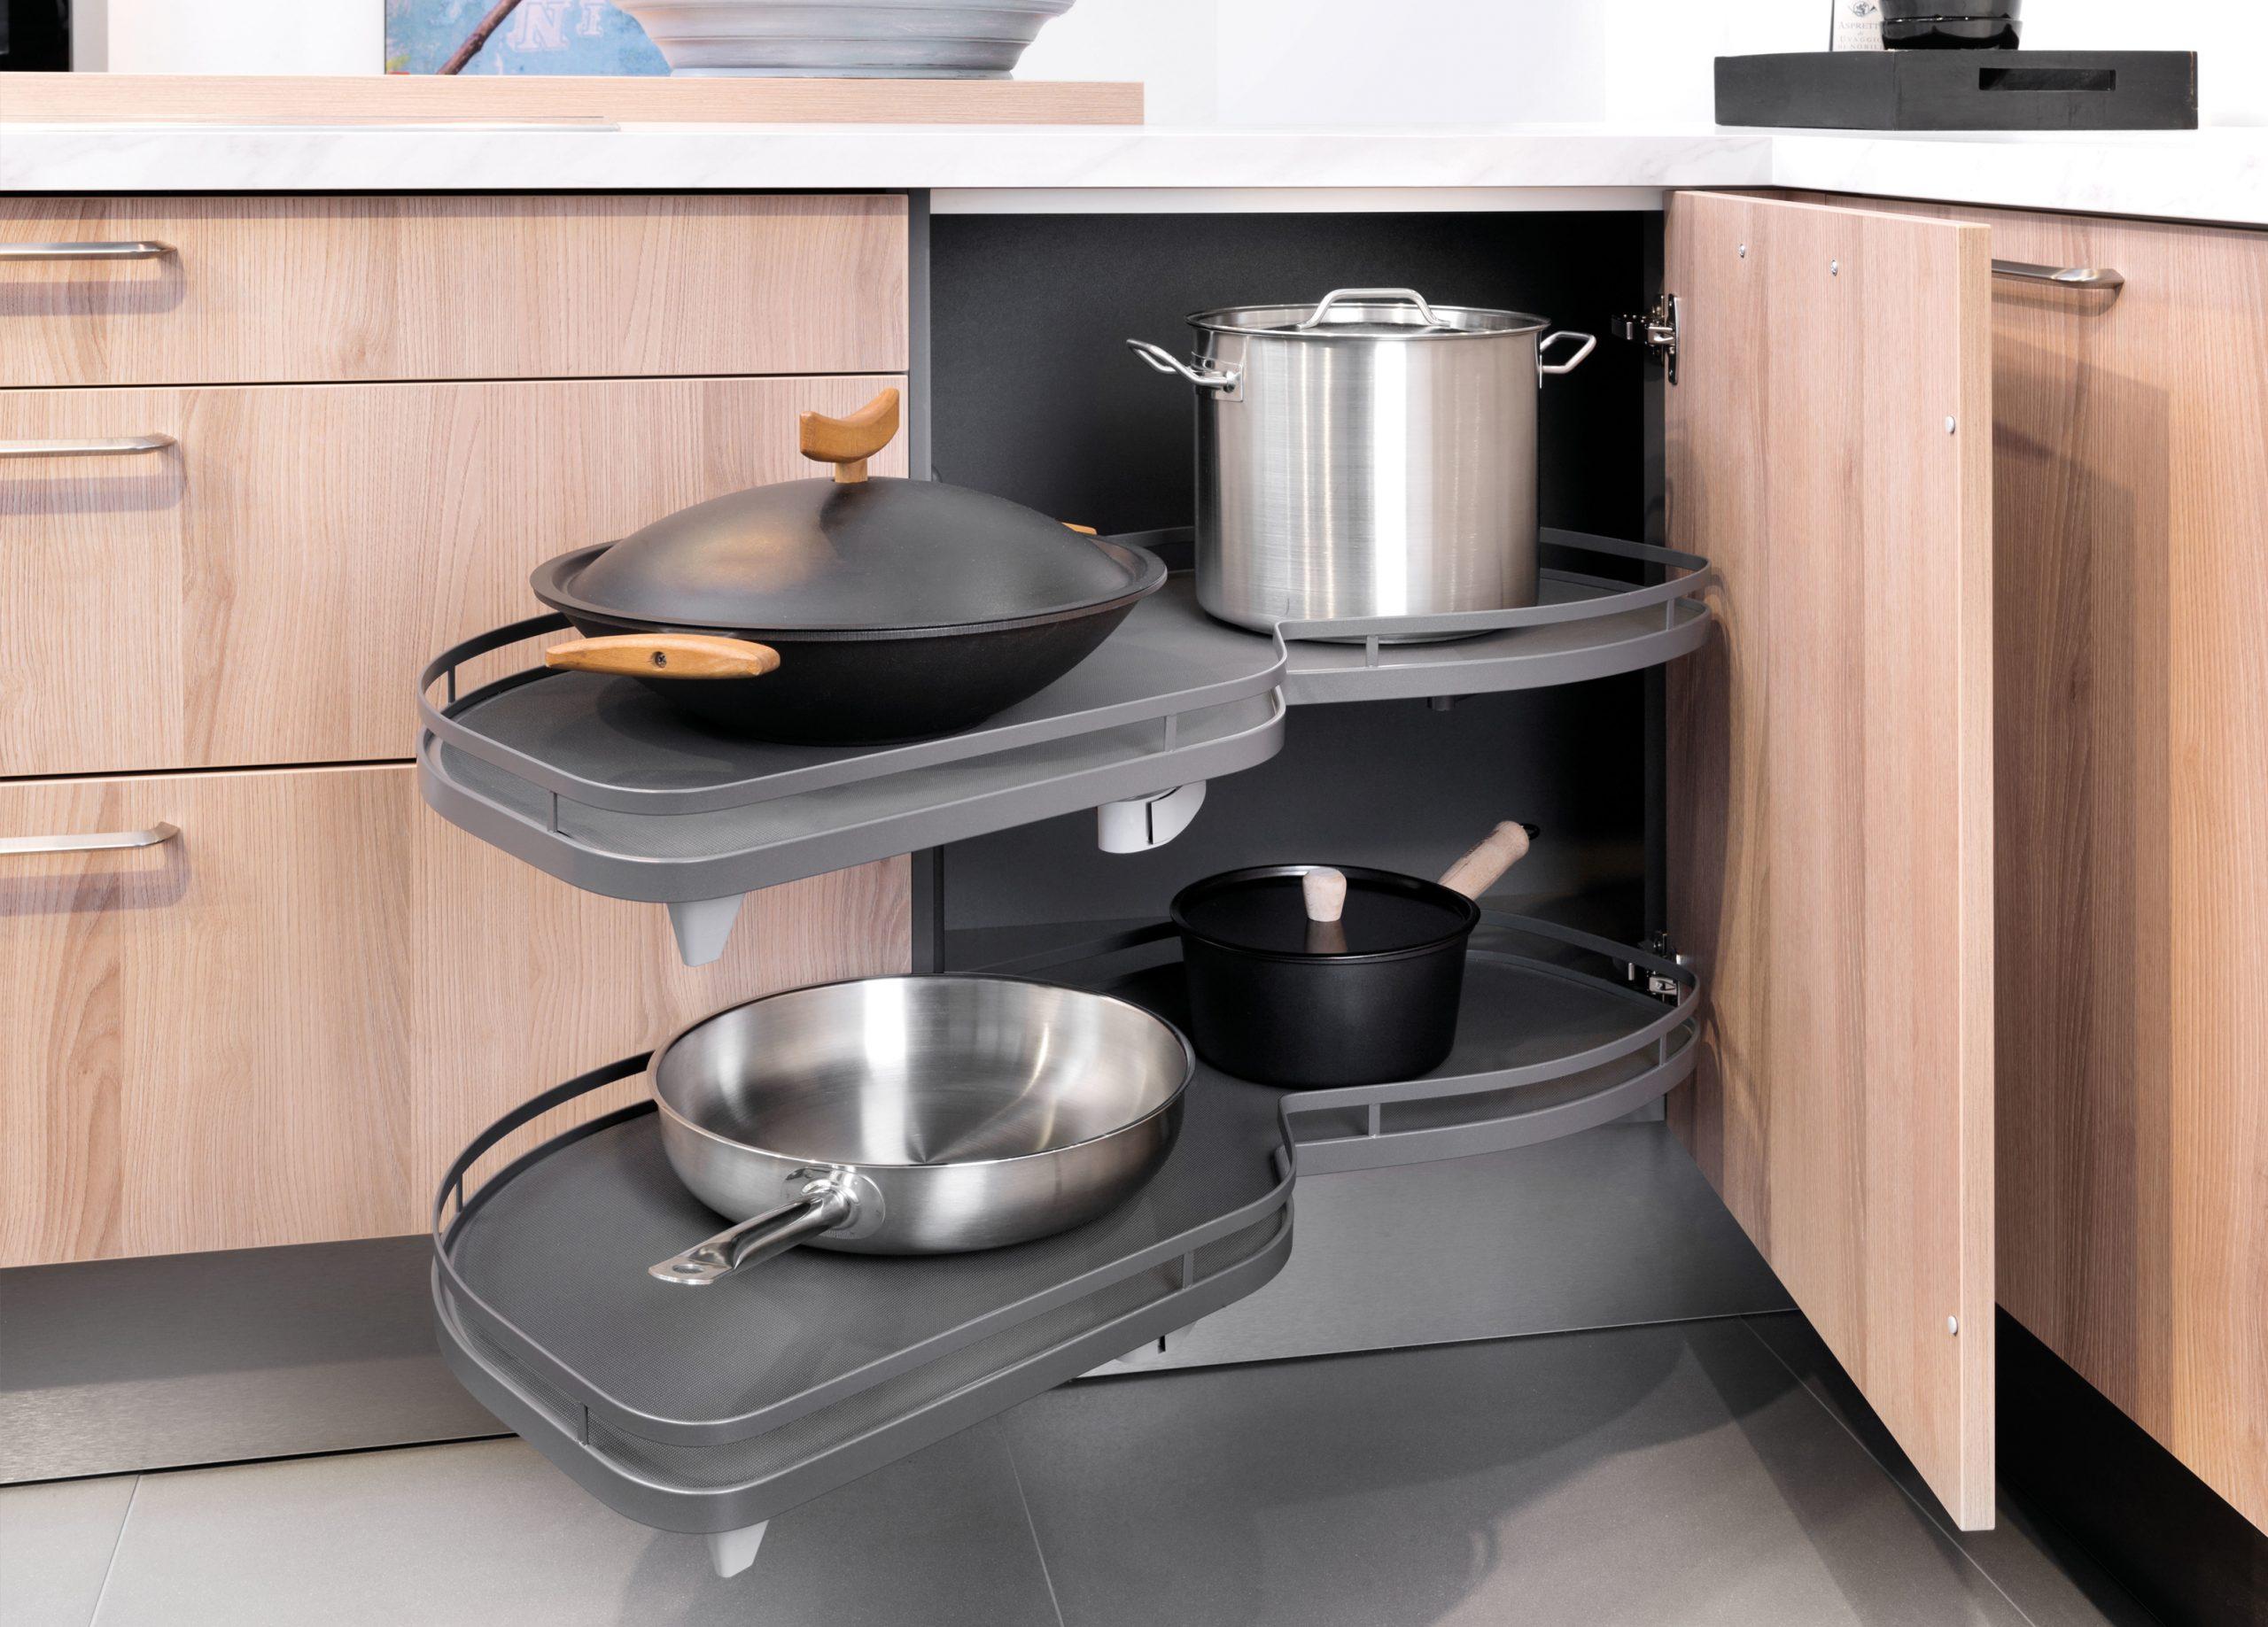 Full Size of Eckunterschrank Küche 80 Eckunterschrank Küche 120 Eckunterschrank Küche Nobilia Eckunterschrank Küche Rondell Küche Eckunterschrank Küche